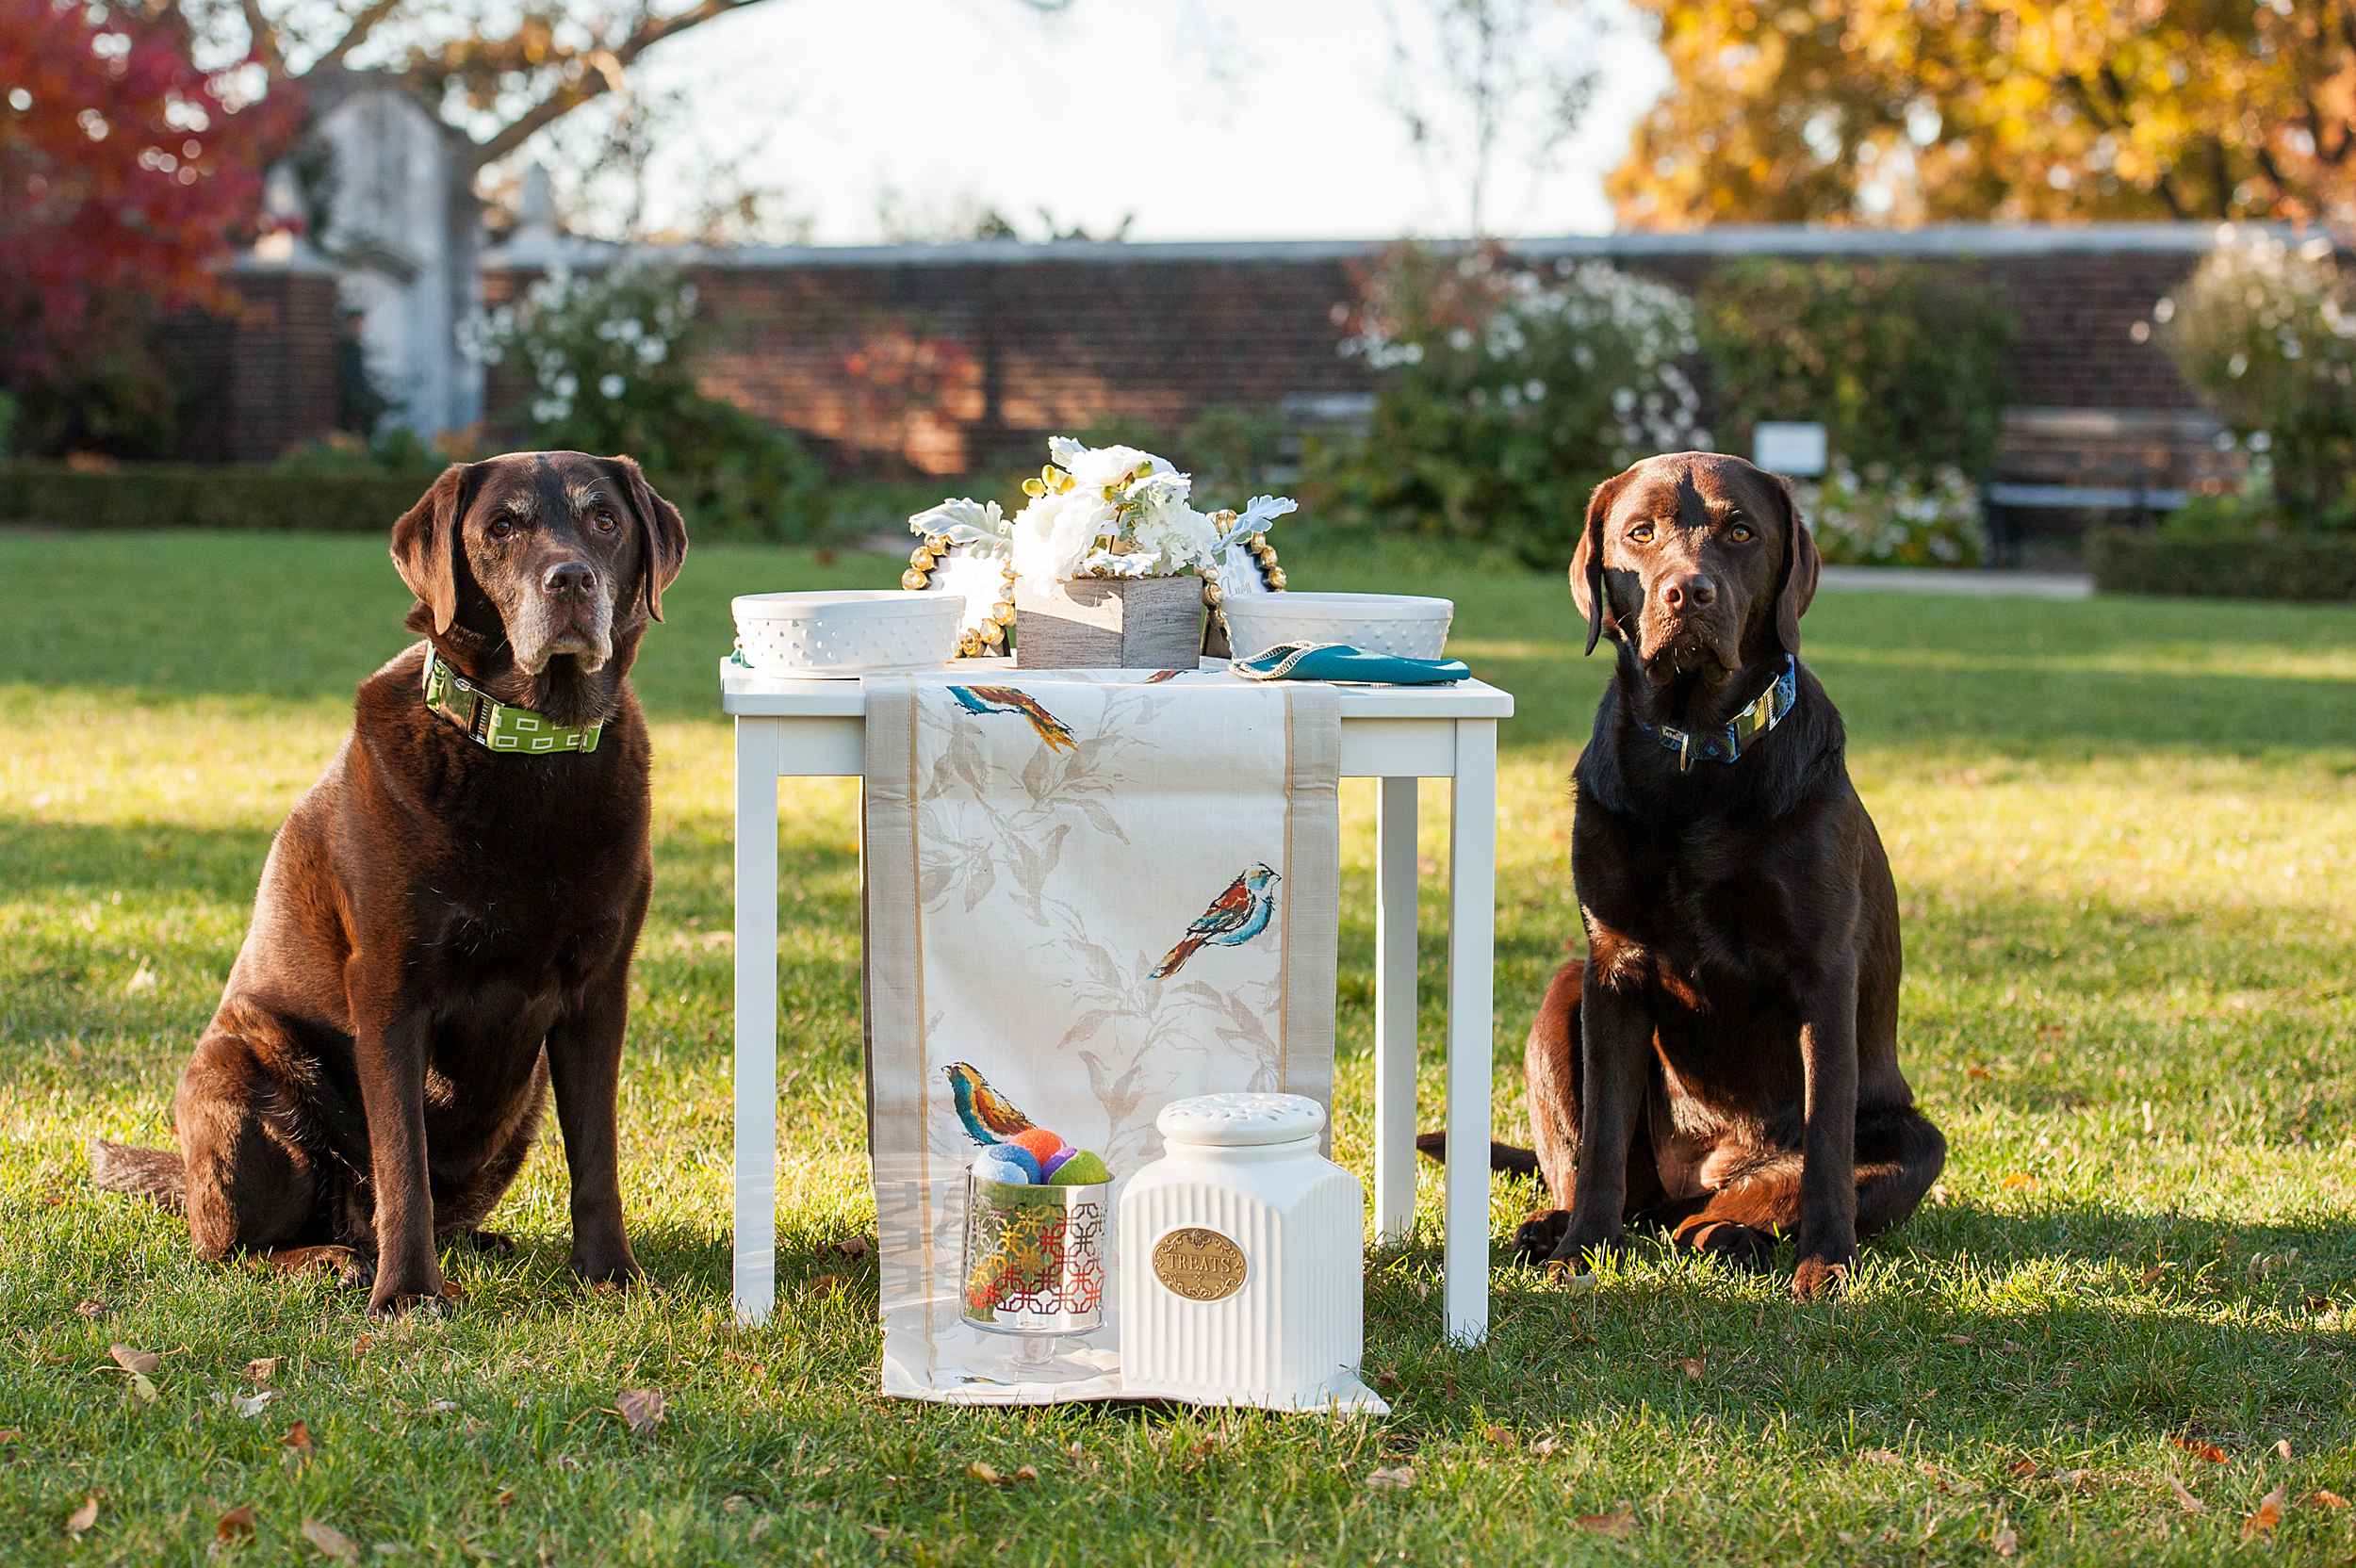 dog-birthday-party-jenny-karlsson-007.jpg